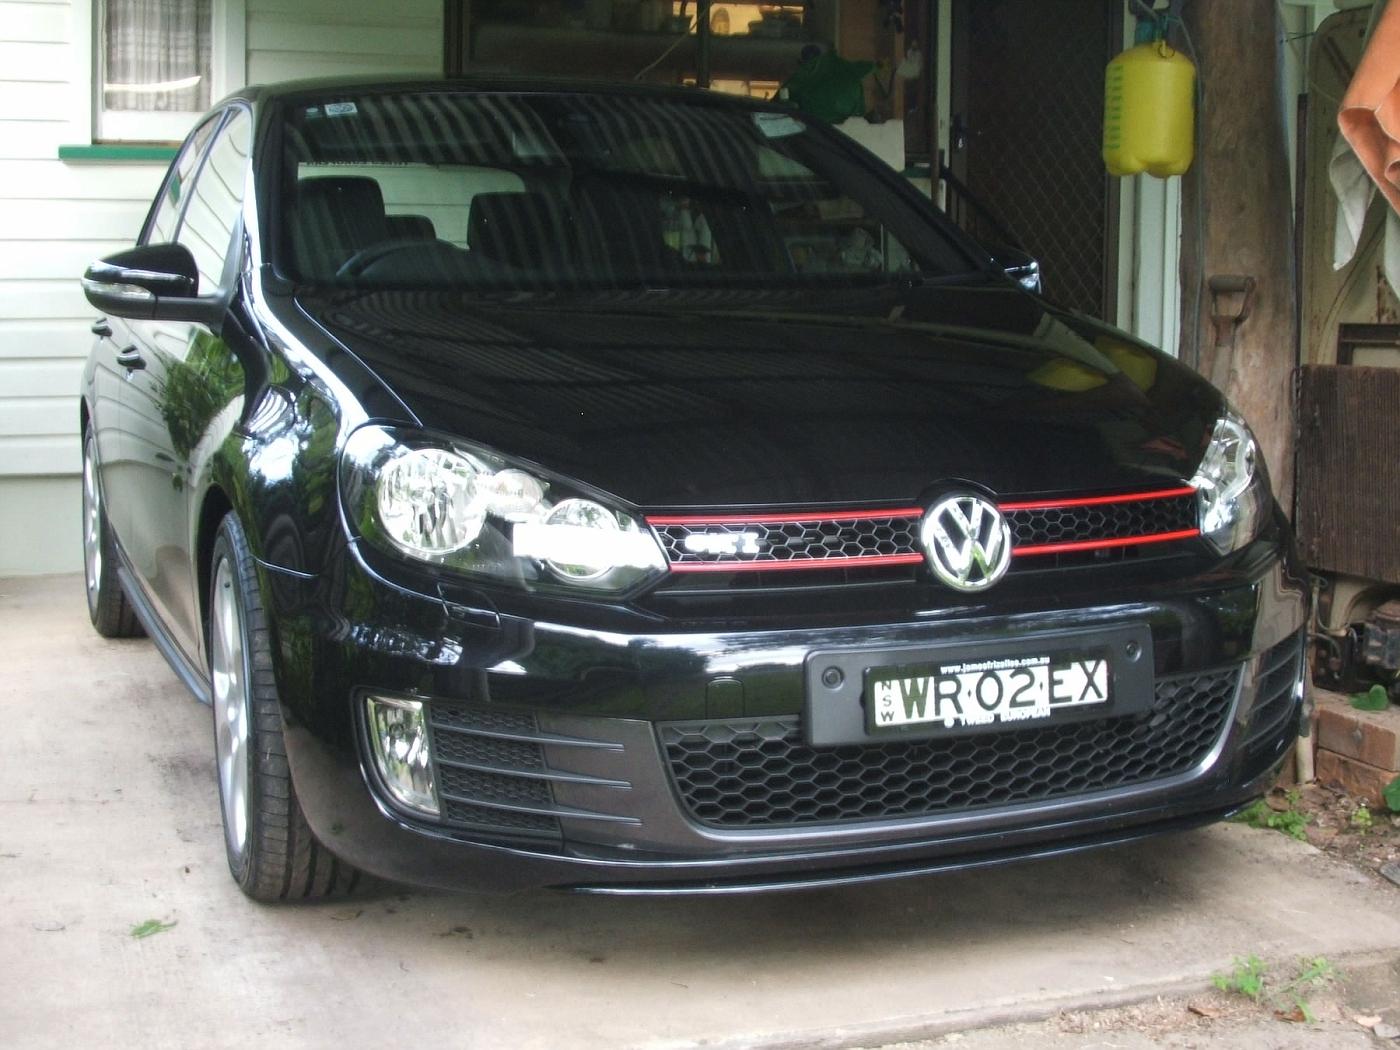 Volkswagen Gti 2010 4 Door. 2010 Golf GTI MkVI DBP